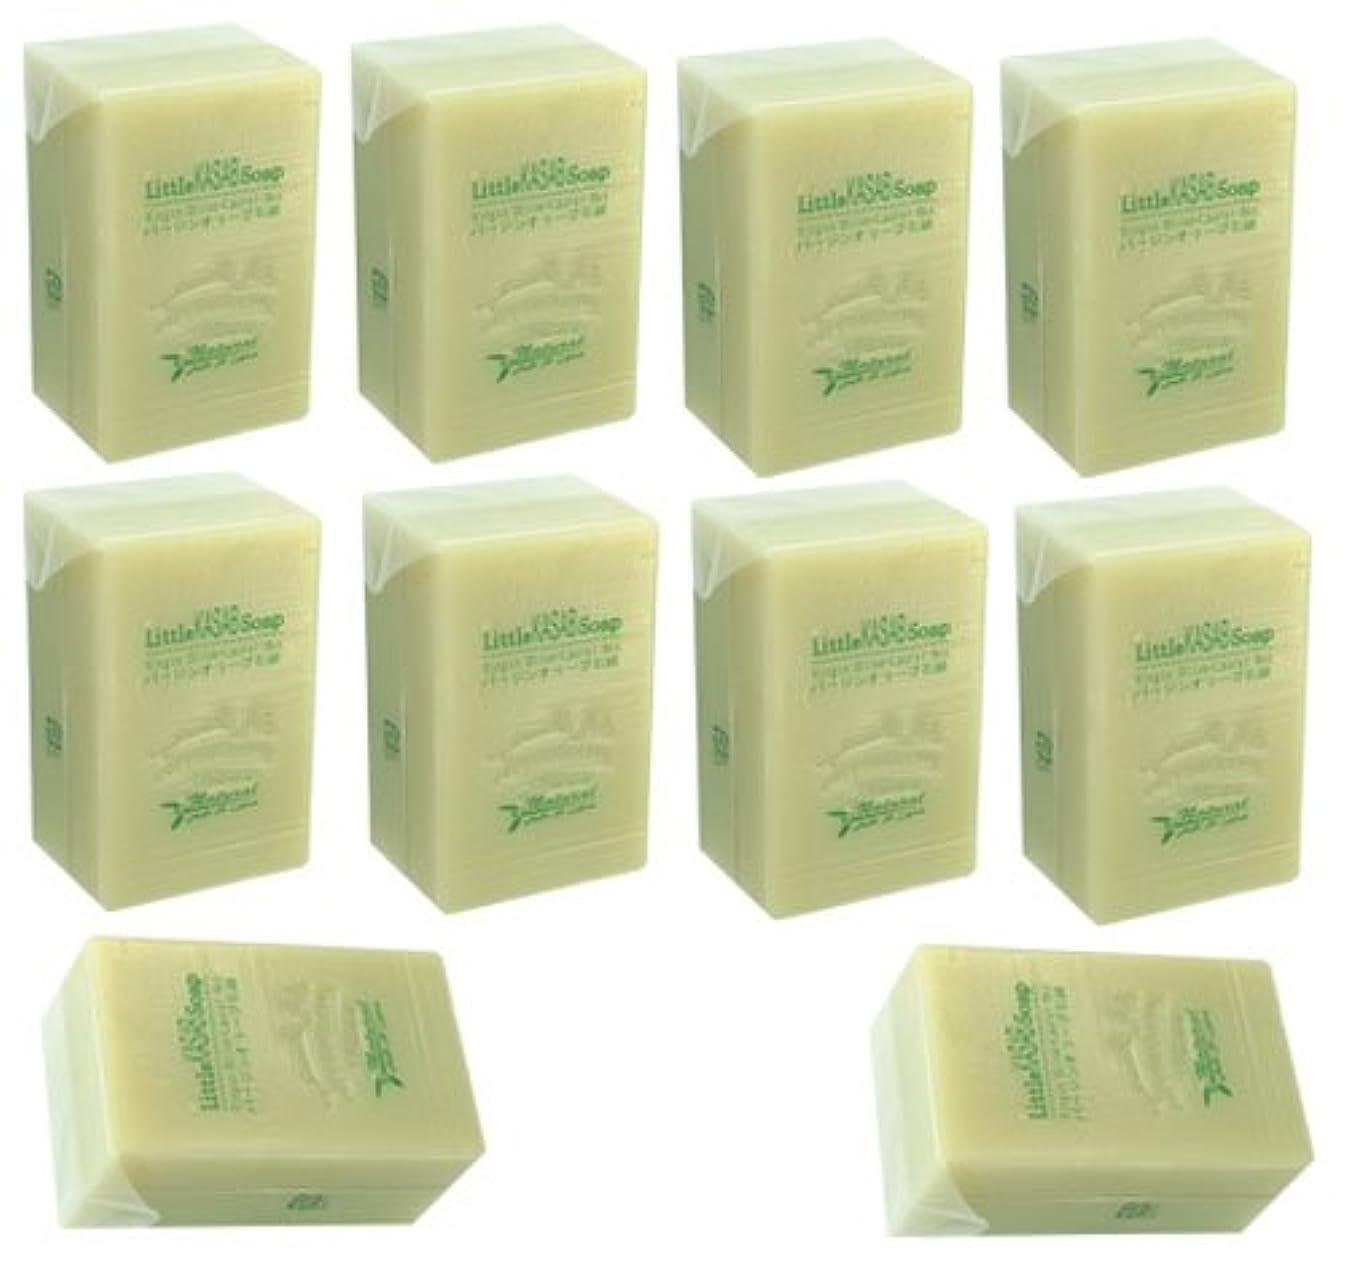 暗殺者ケニア理想的にはリトルカサブ石鹸10個セット